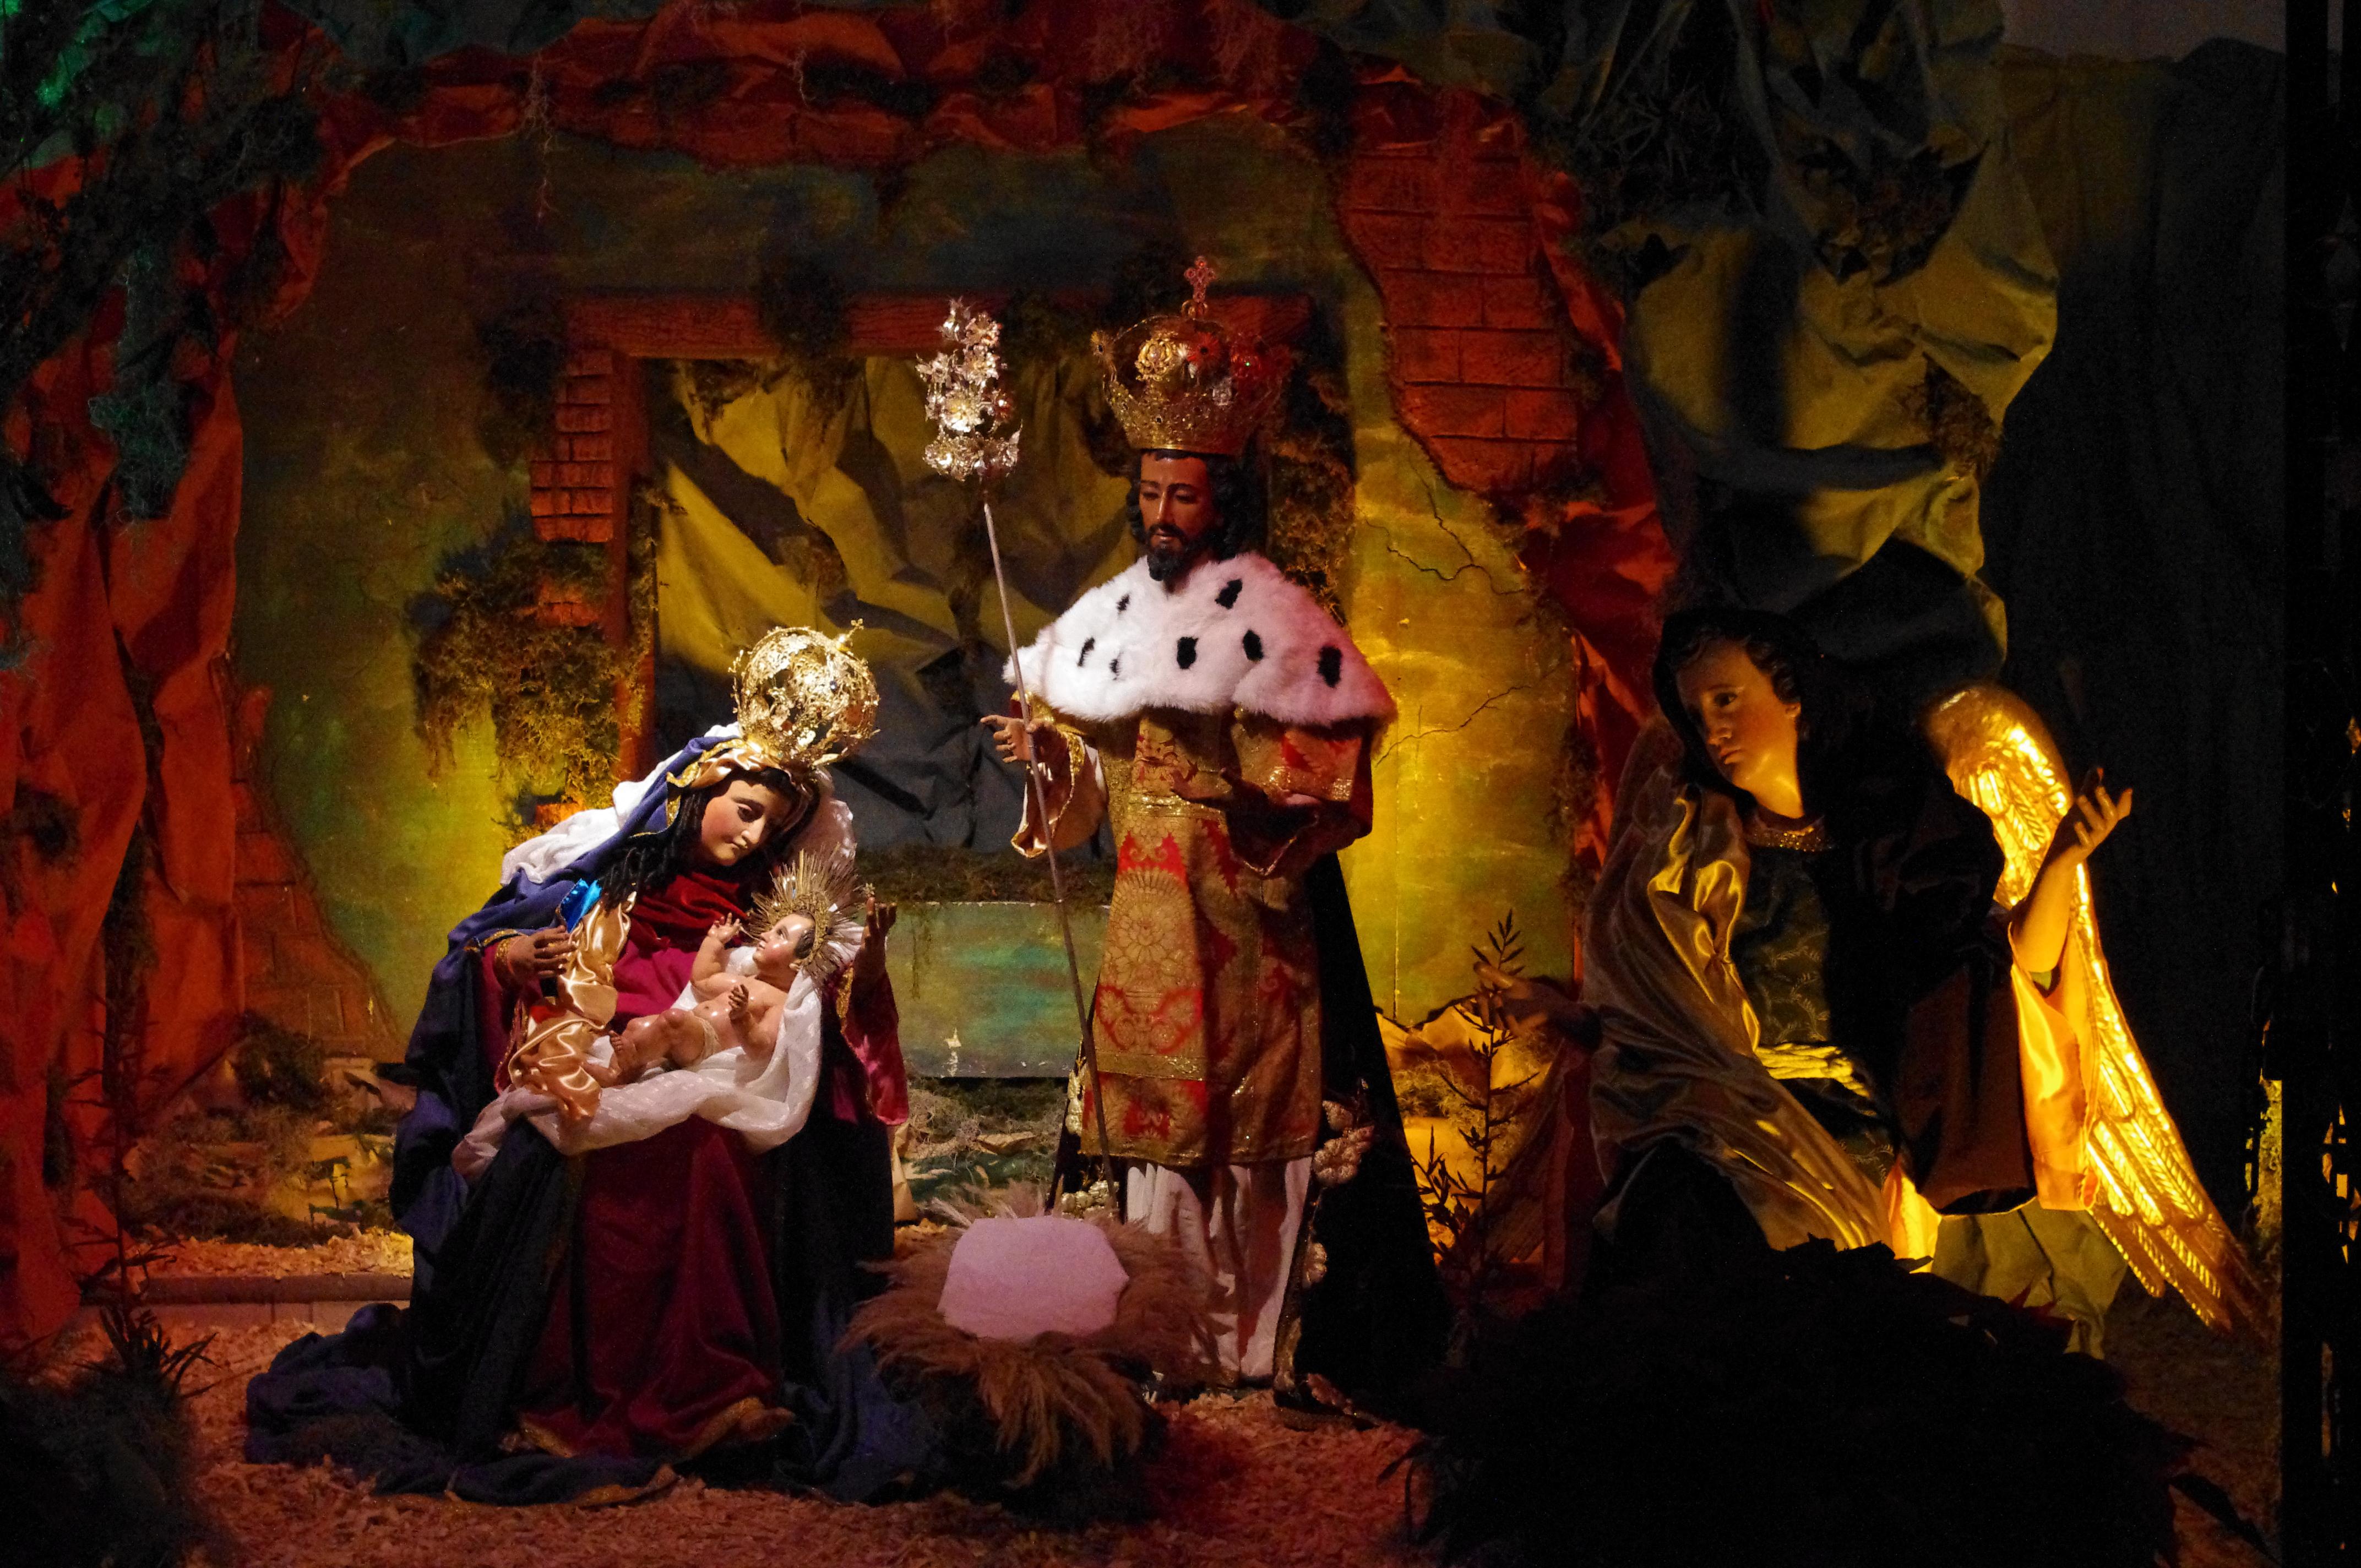 Santons et crèches de Noël  - Page 2 Cr%C3%A8che_de_no%C3%ABl